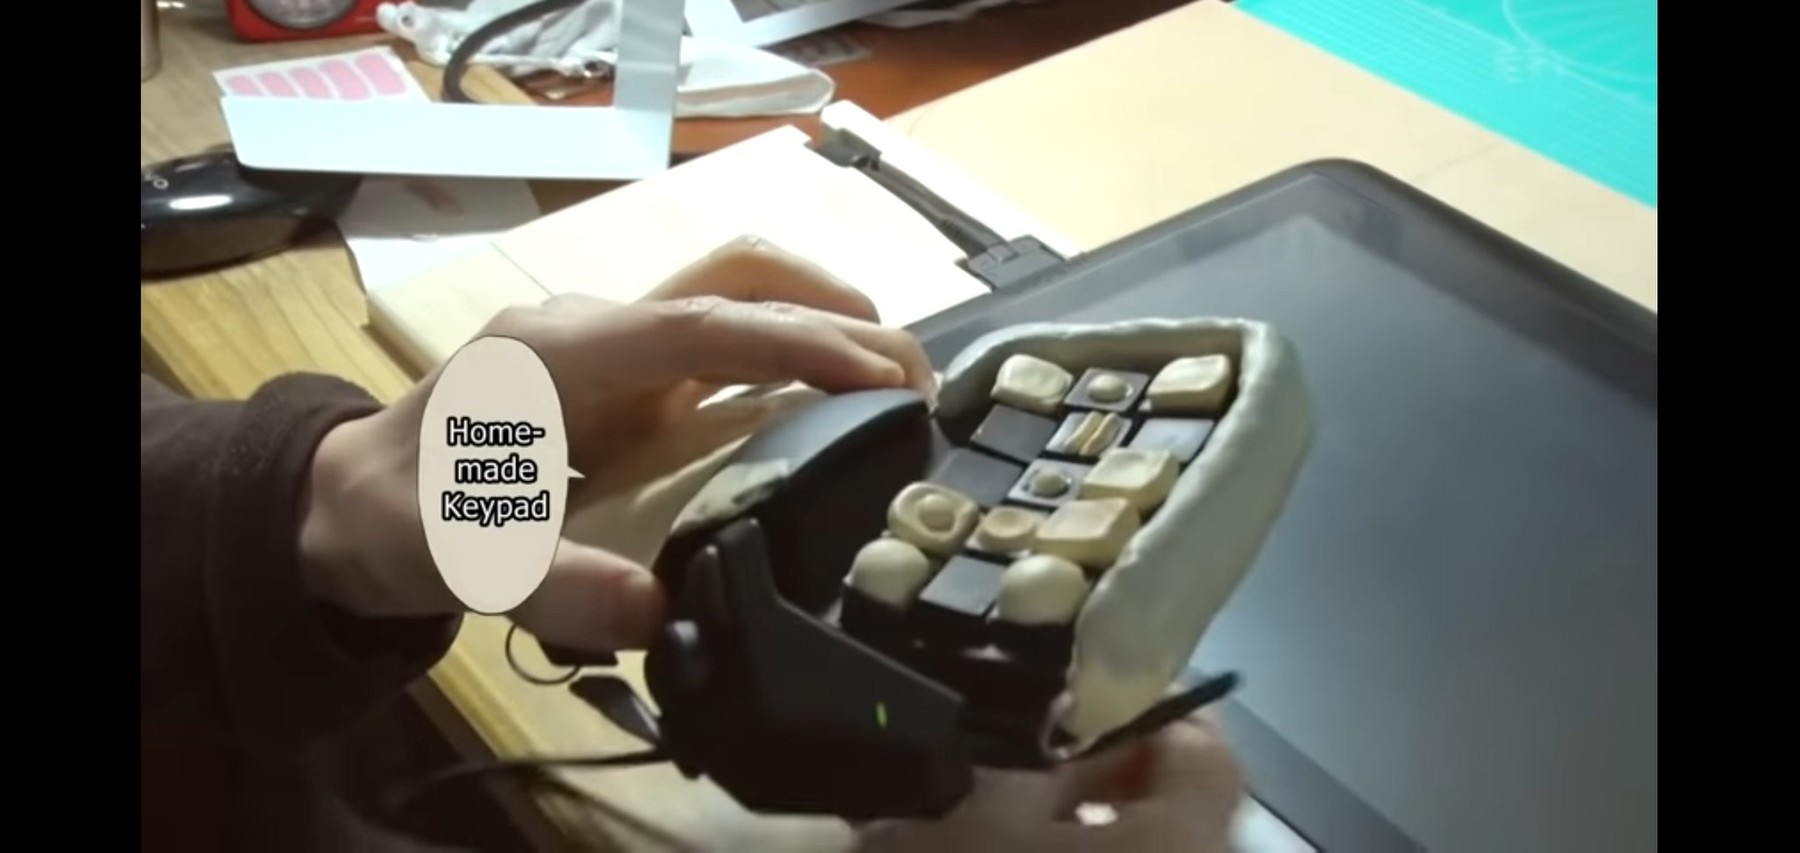 Junji Ito's homemade keypad